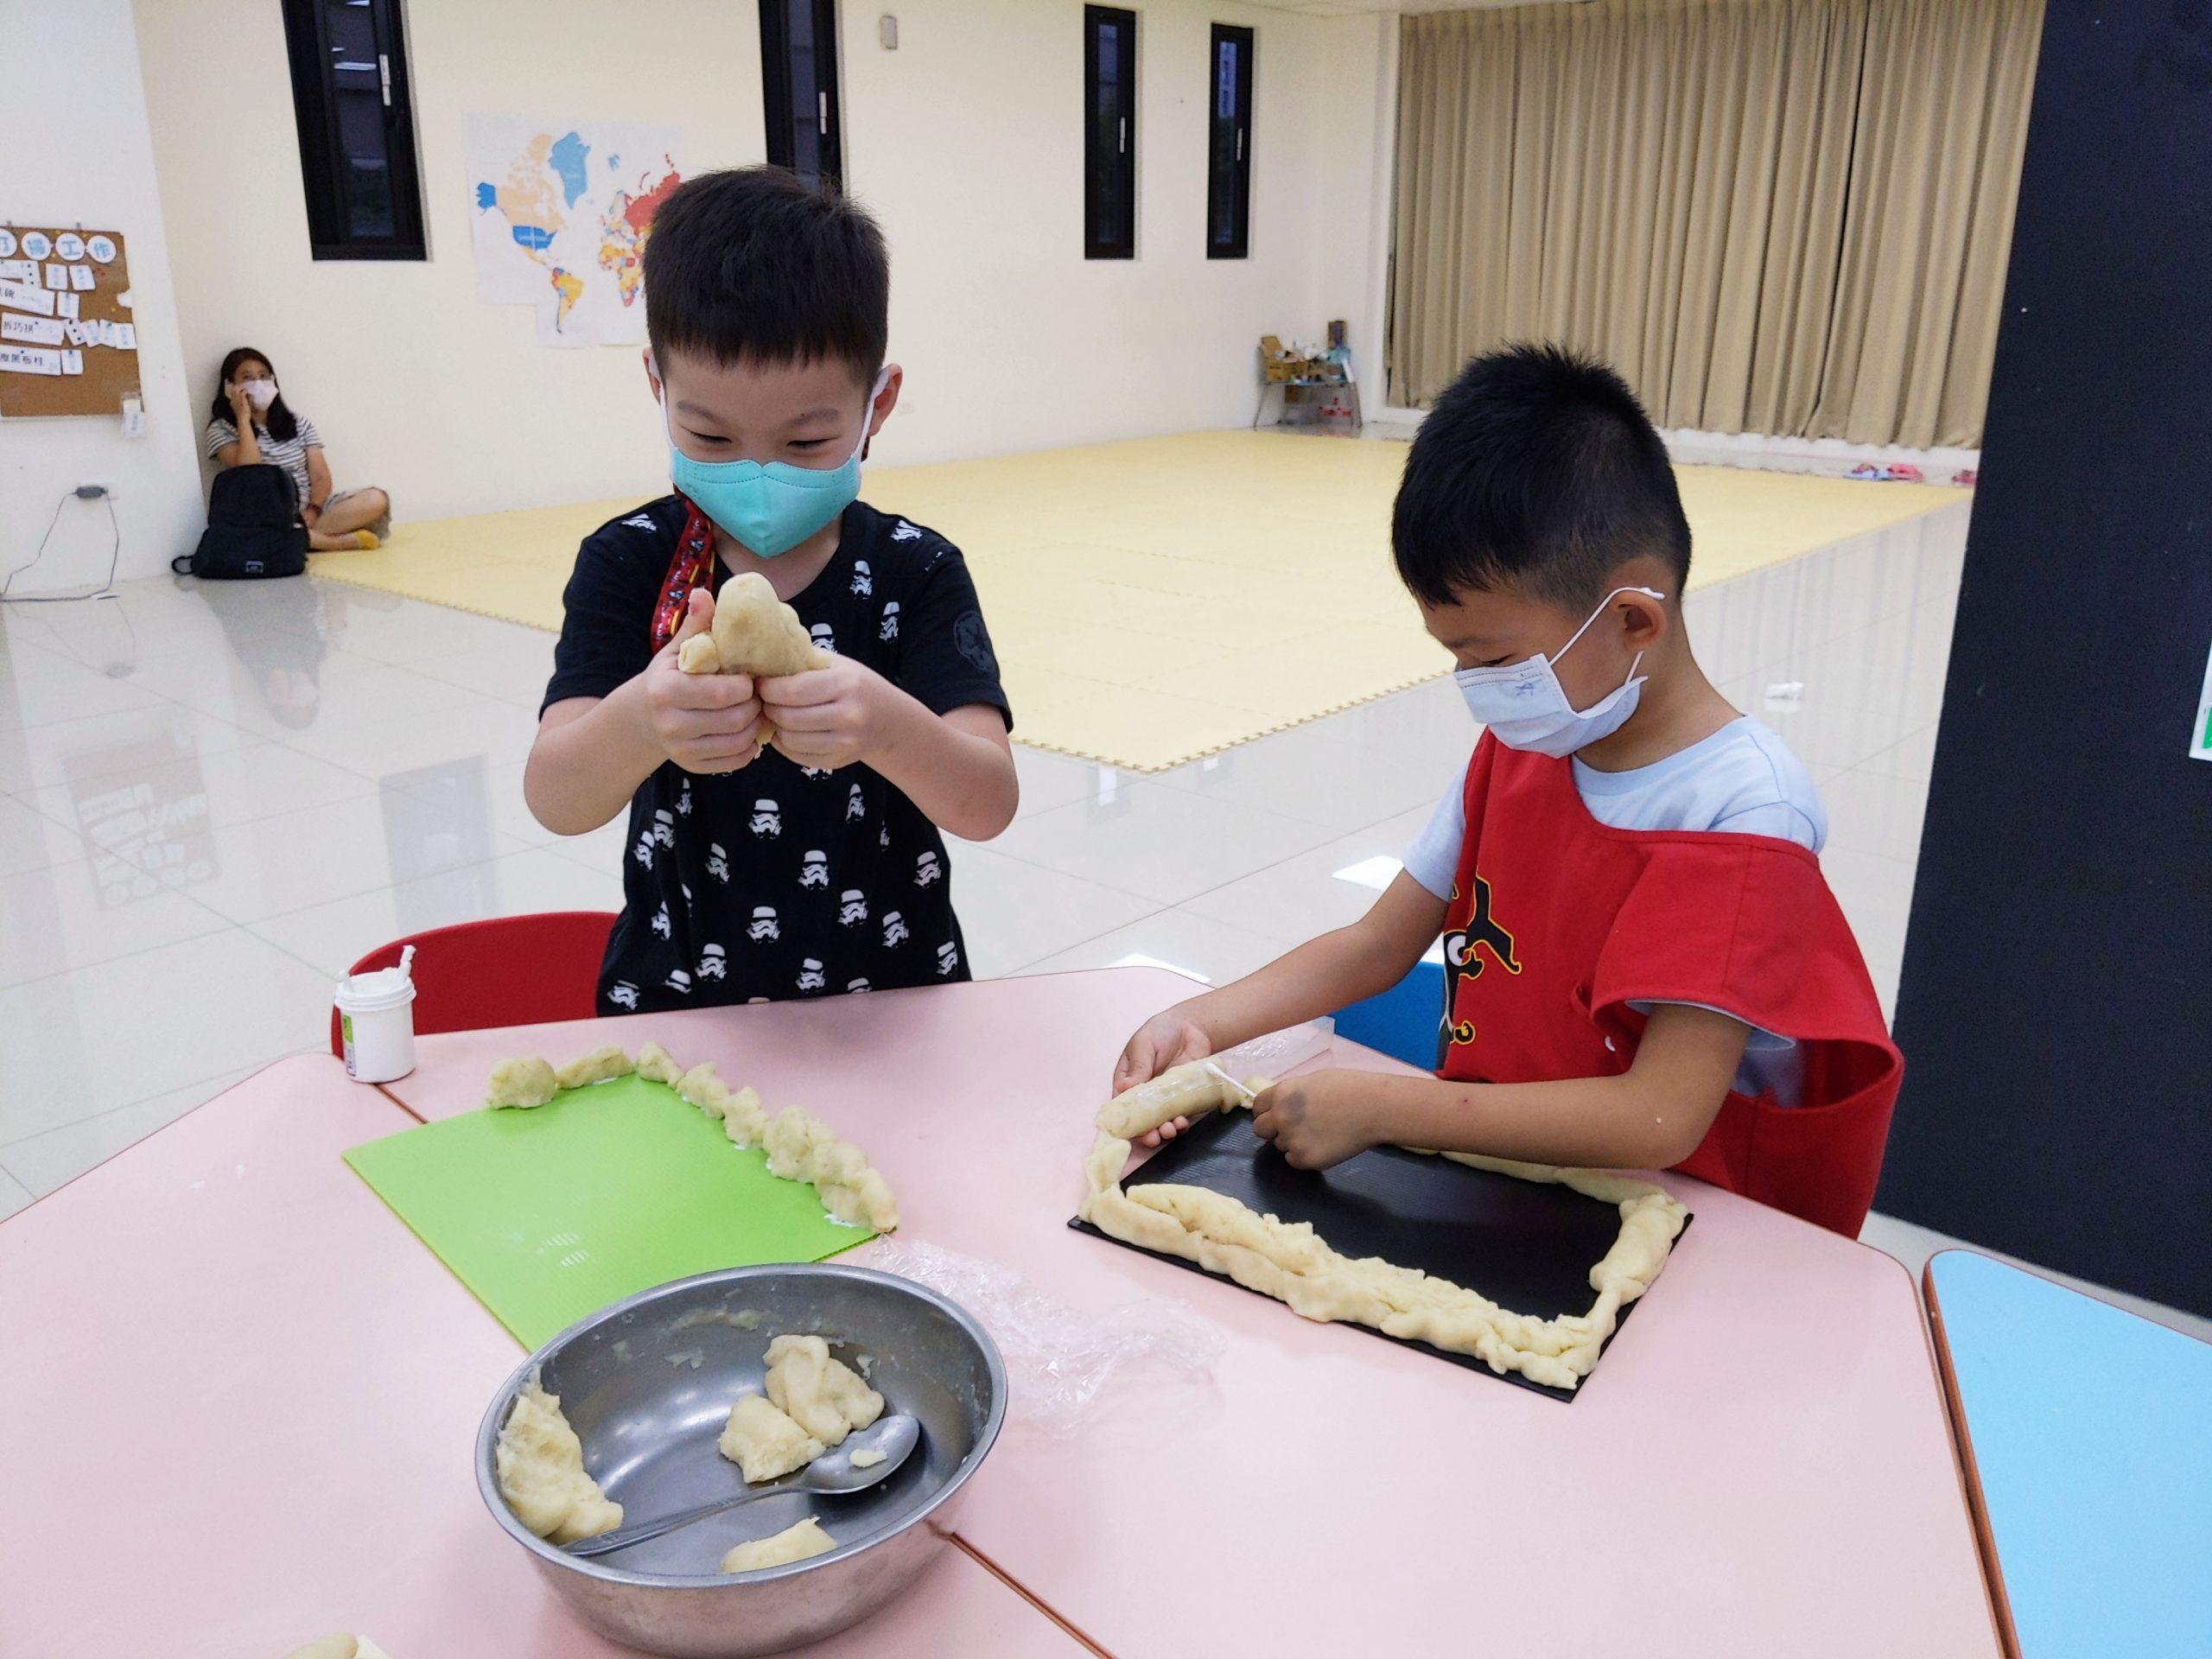 【#停課不停學】在家的麵粉STEAM活動──給大班到二年級的孩子